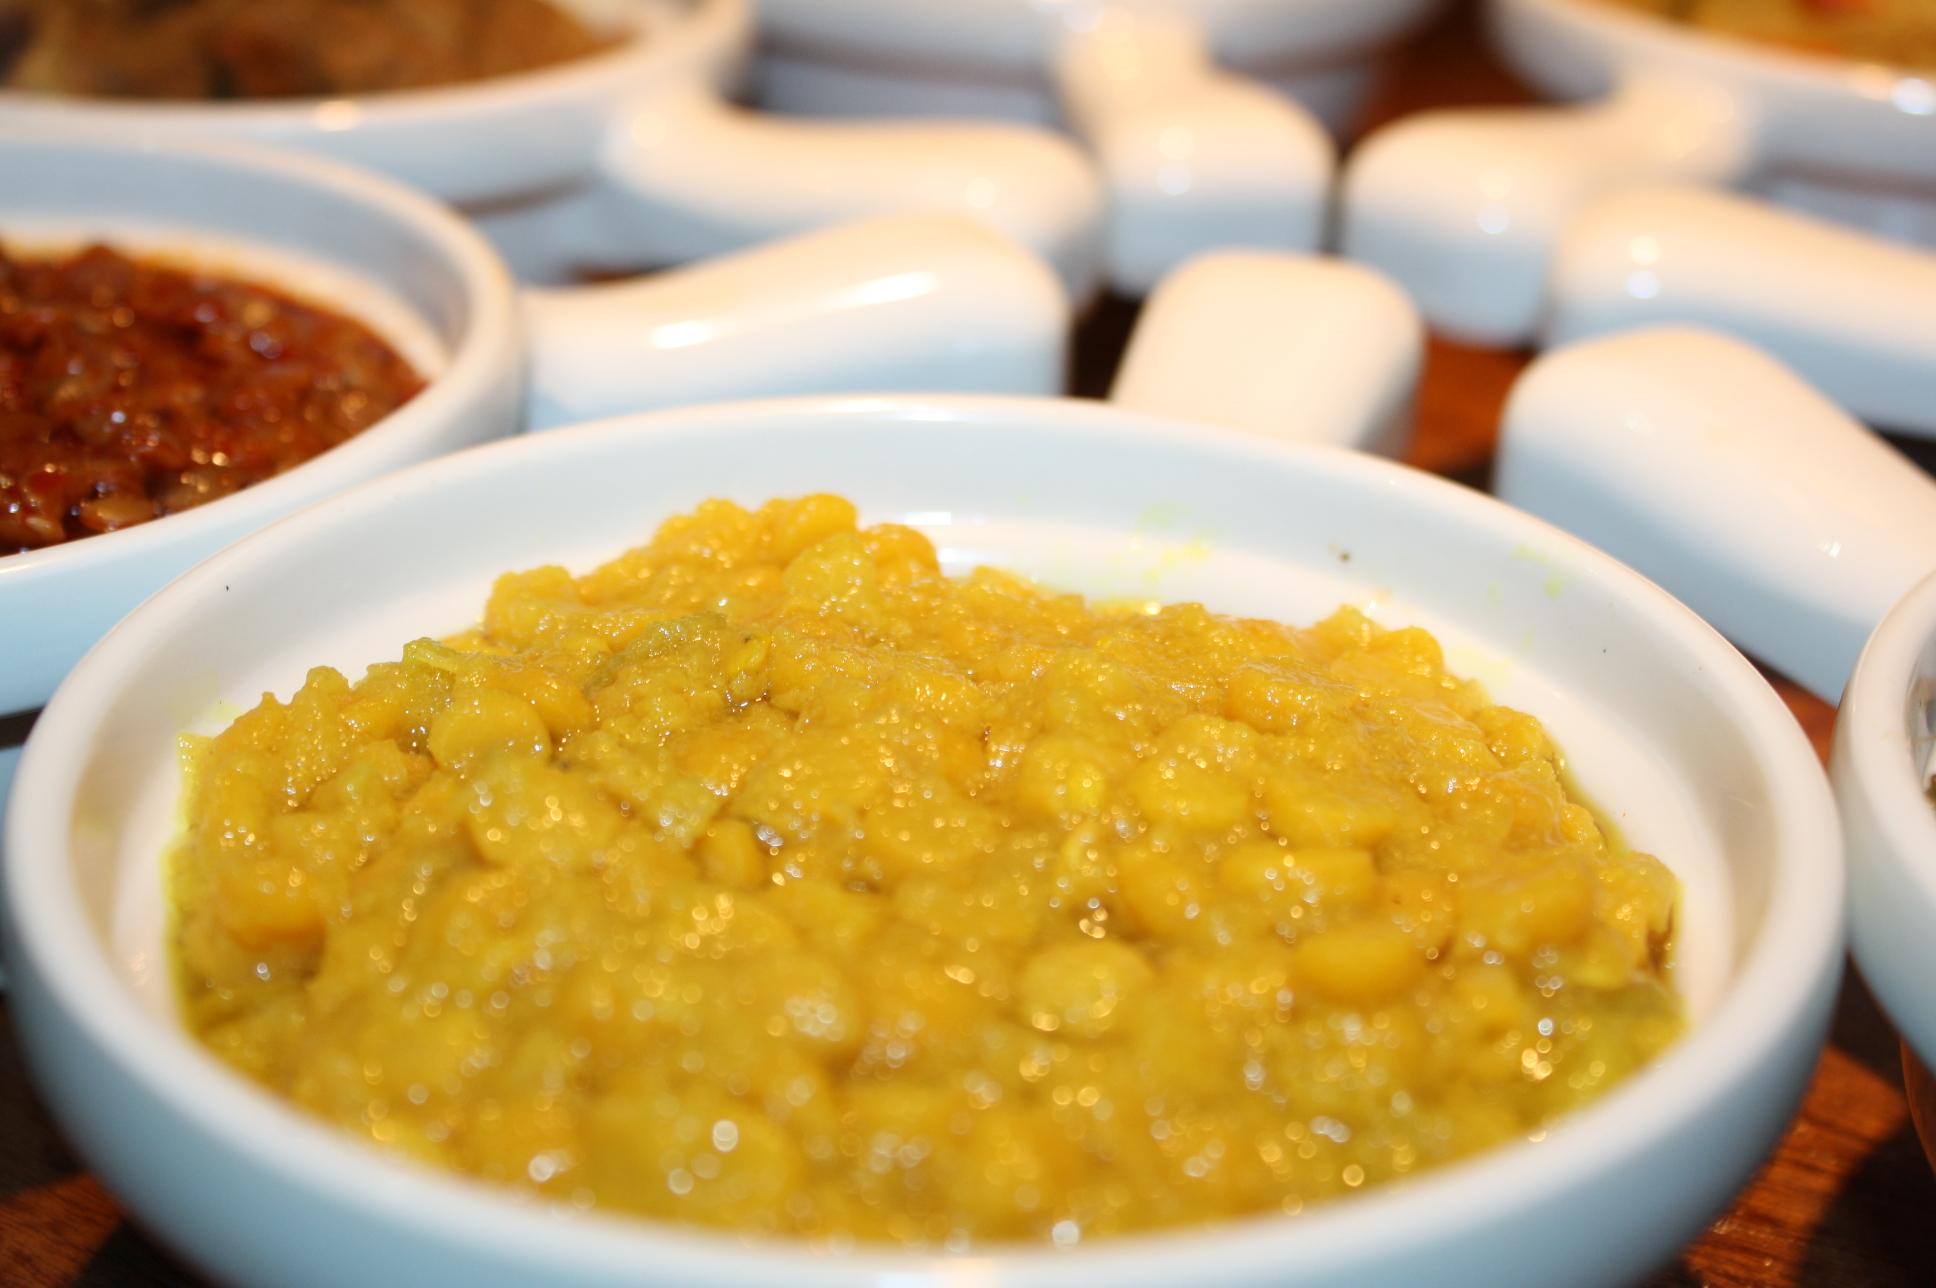 አተር ክክ አልጫ | Ater KiK ALiCHa @ Benyam Ethiopian Cuisine